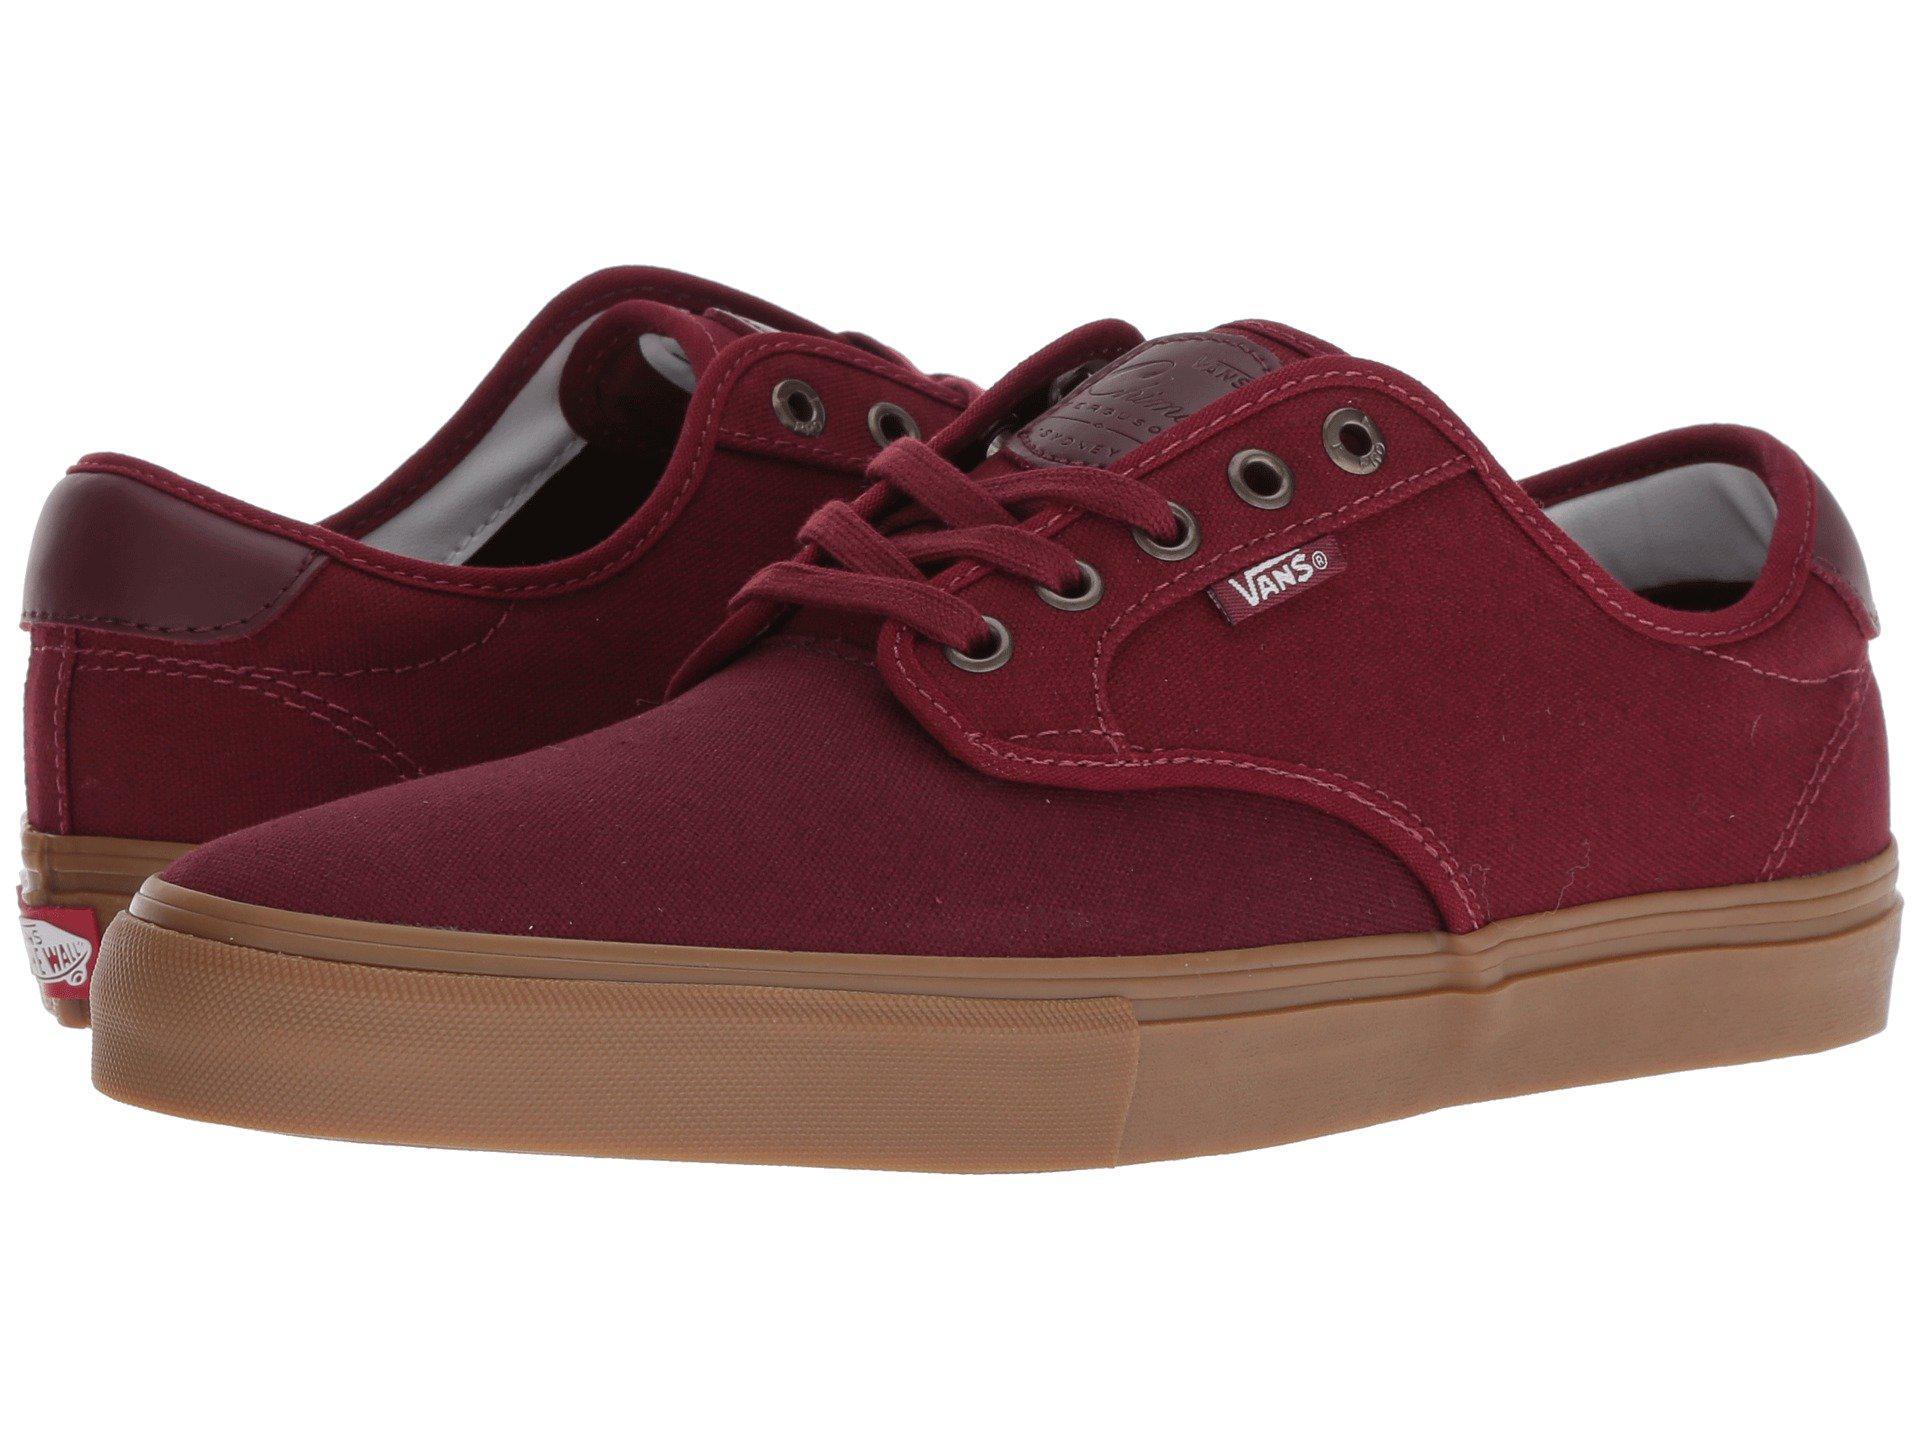 cd01c3788e Lyst - Vans Chima Ferguson Pro Port Cabernet   Gum Mens Shoes in Red ...